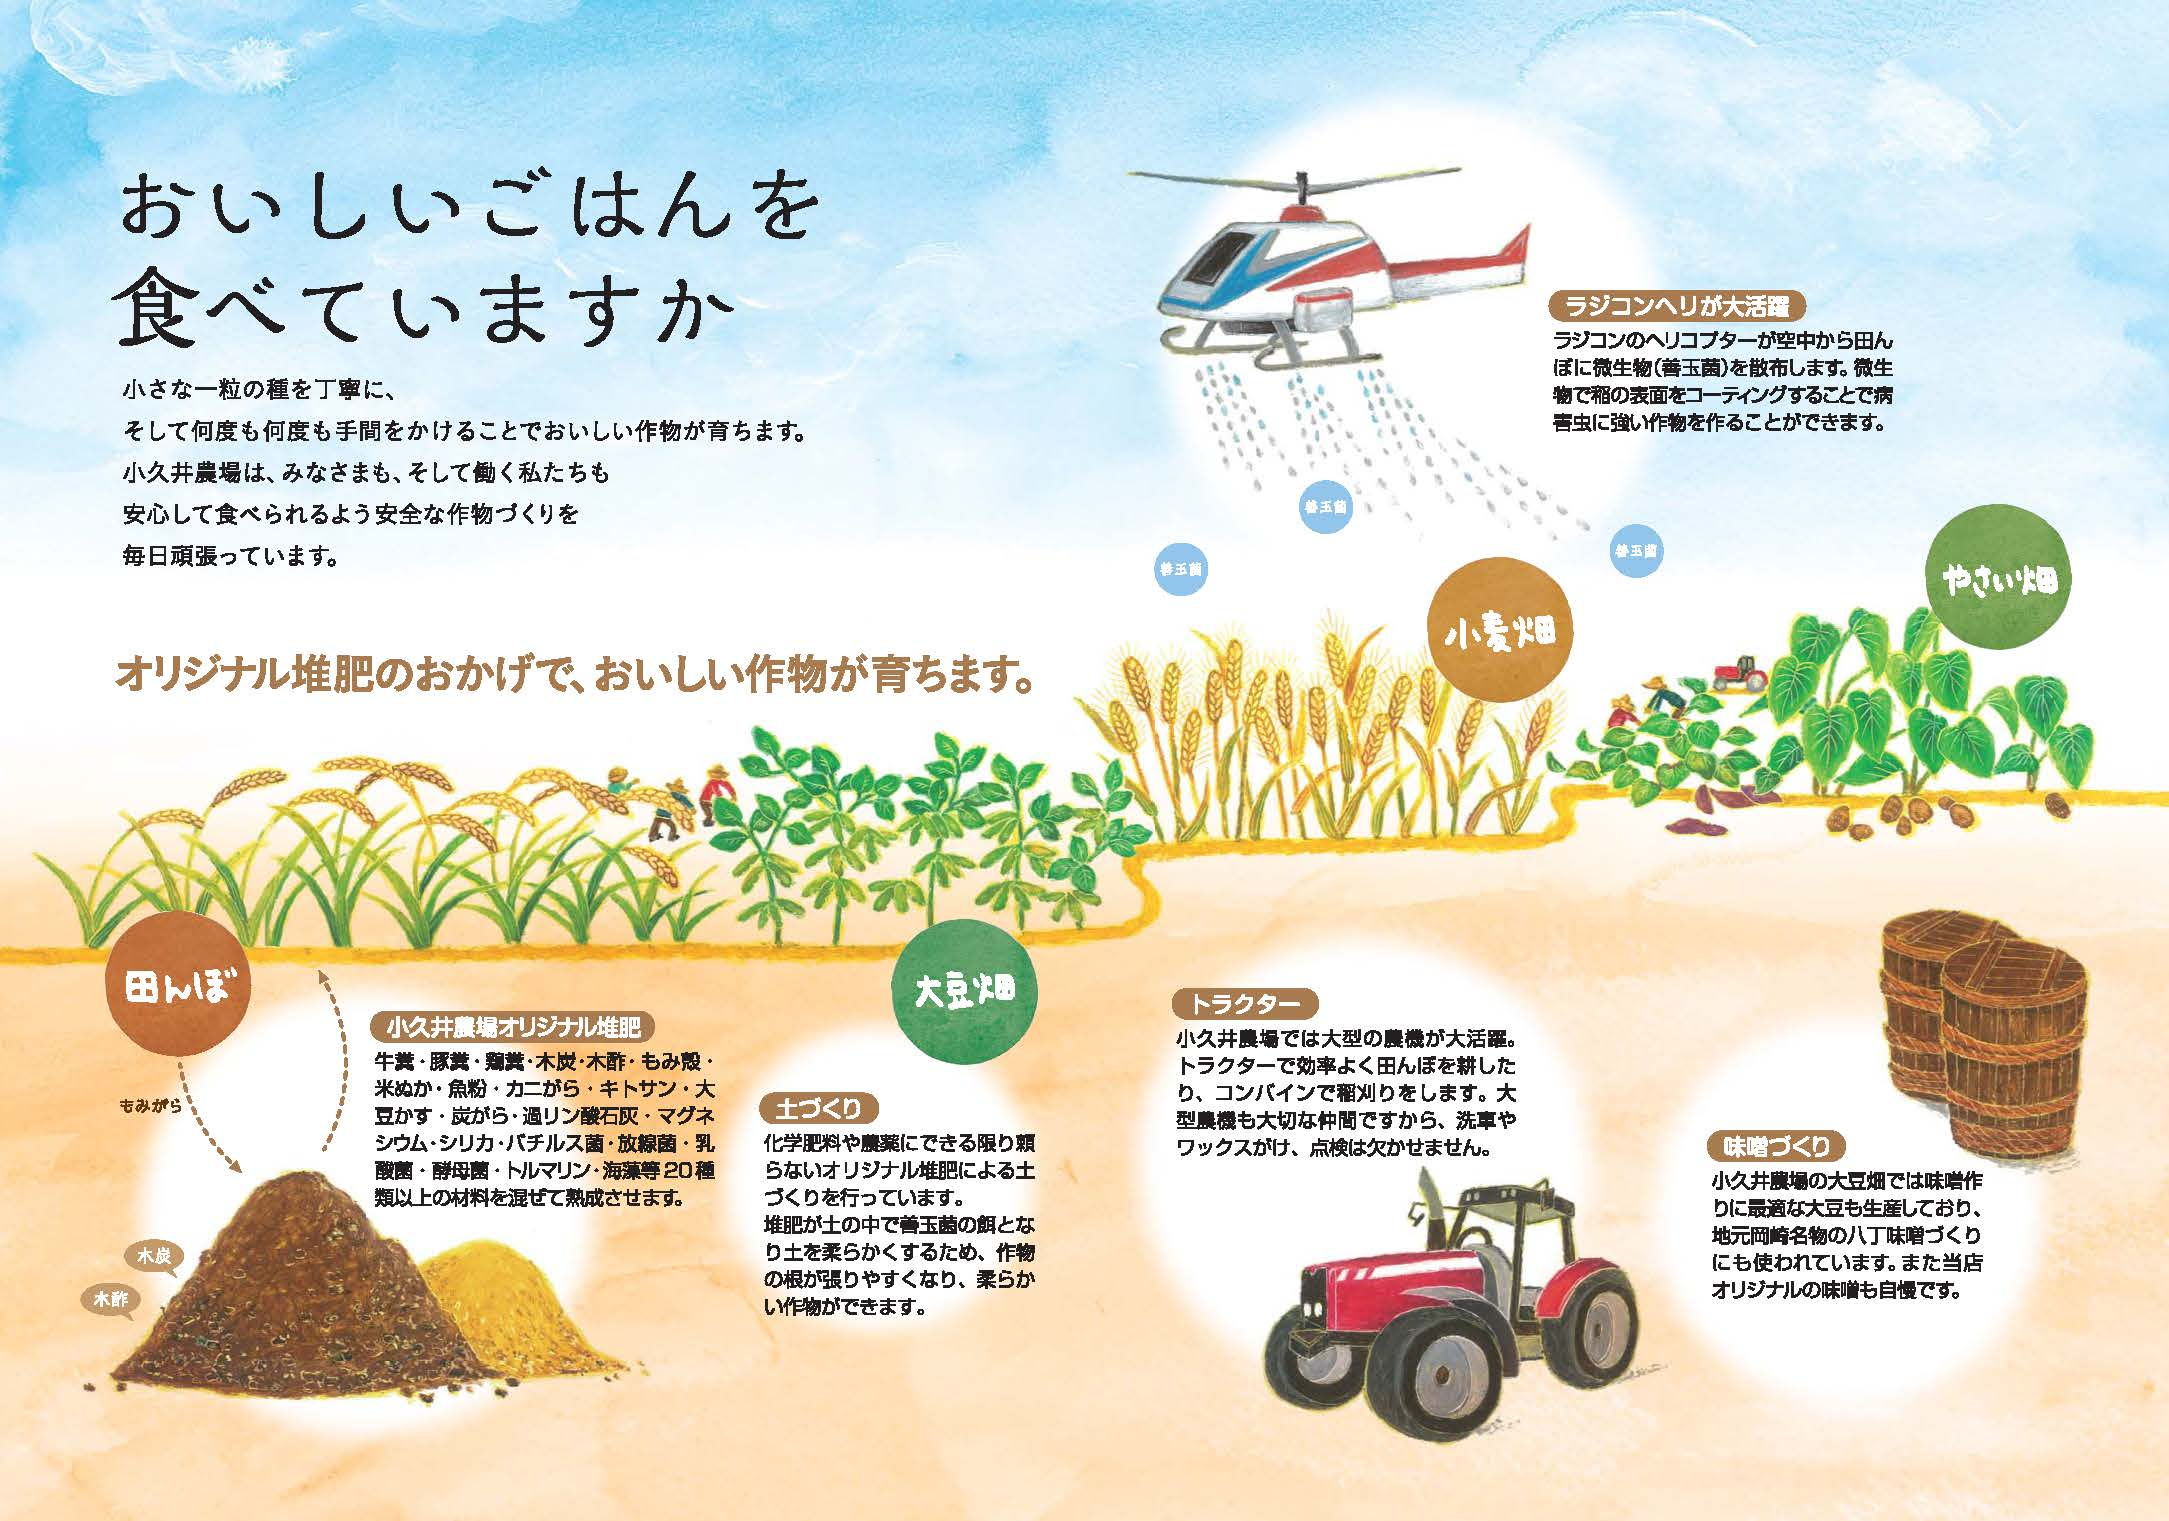 小久井農場さんのパンフレット_e0190082_1656791.jpg